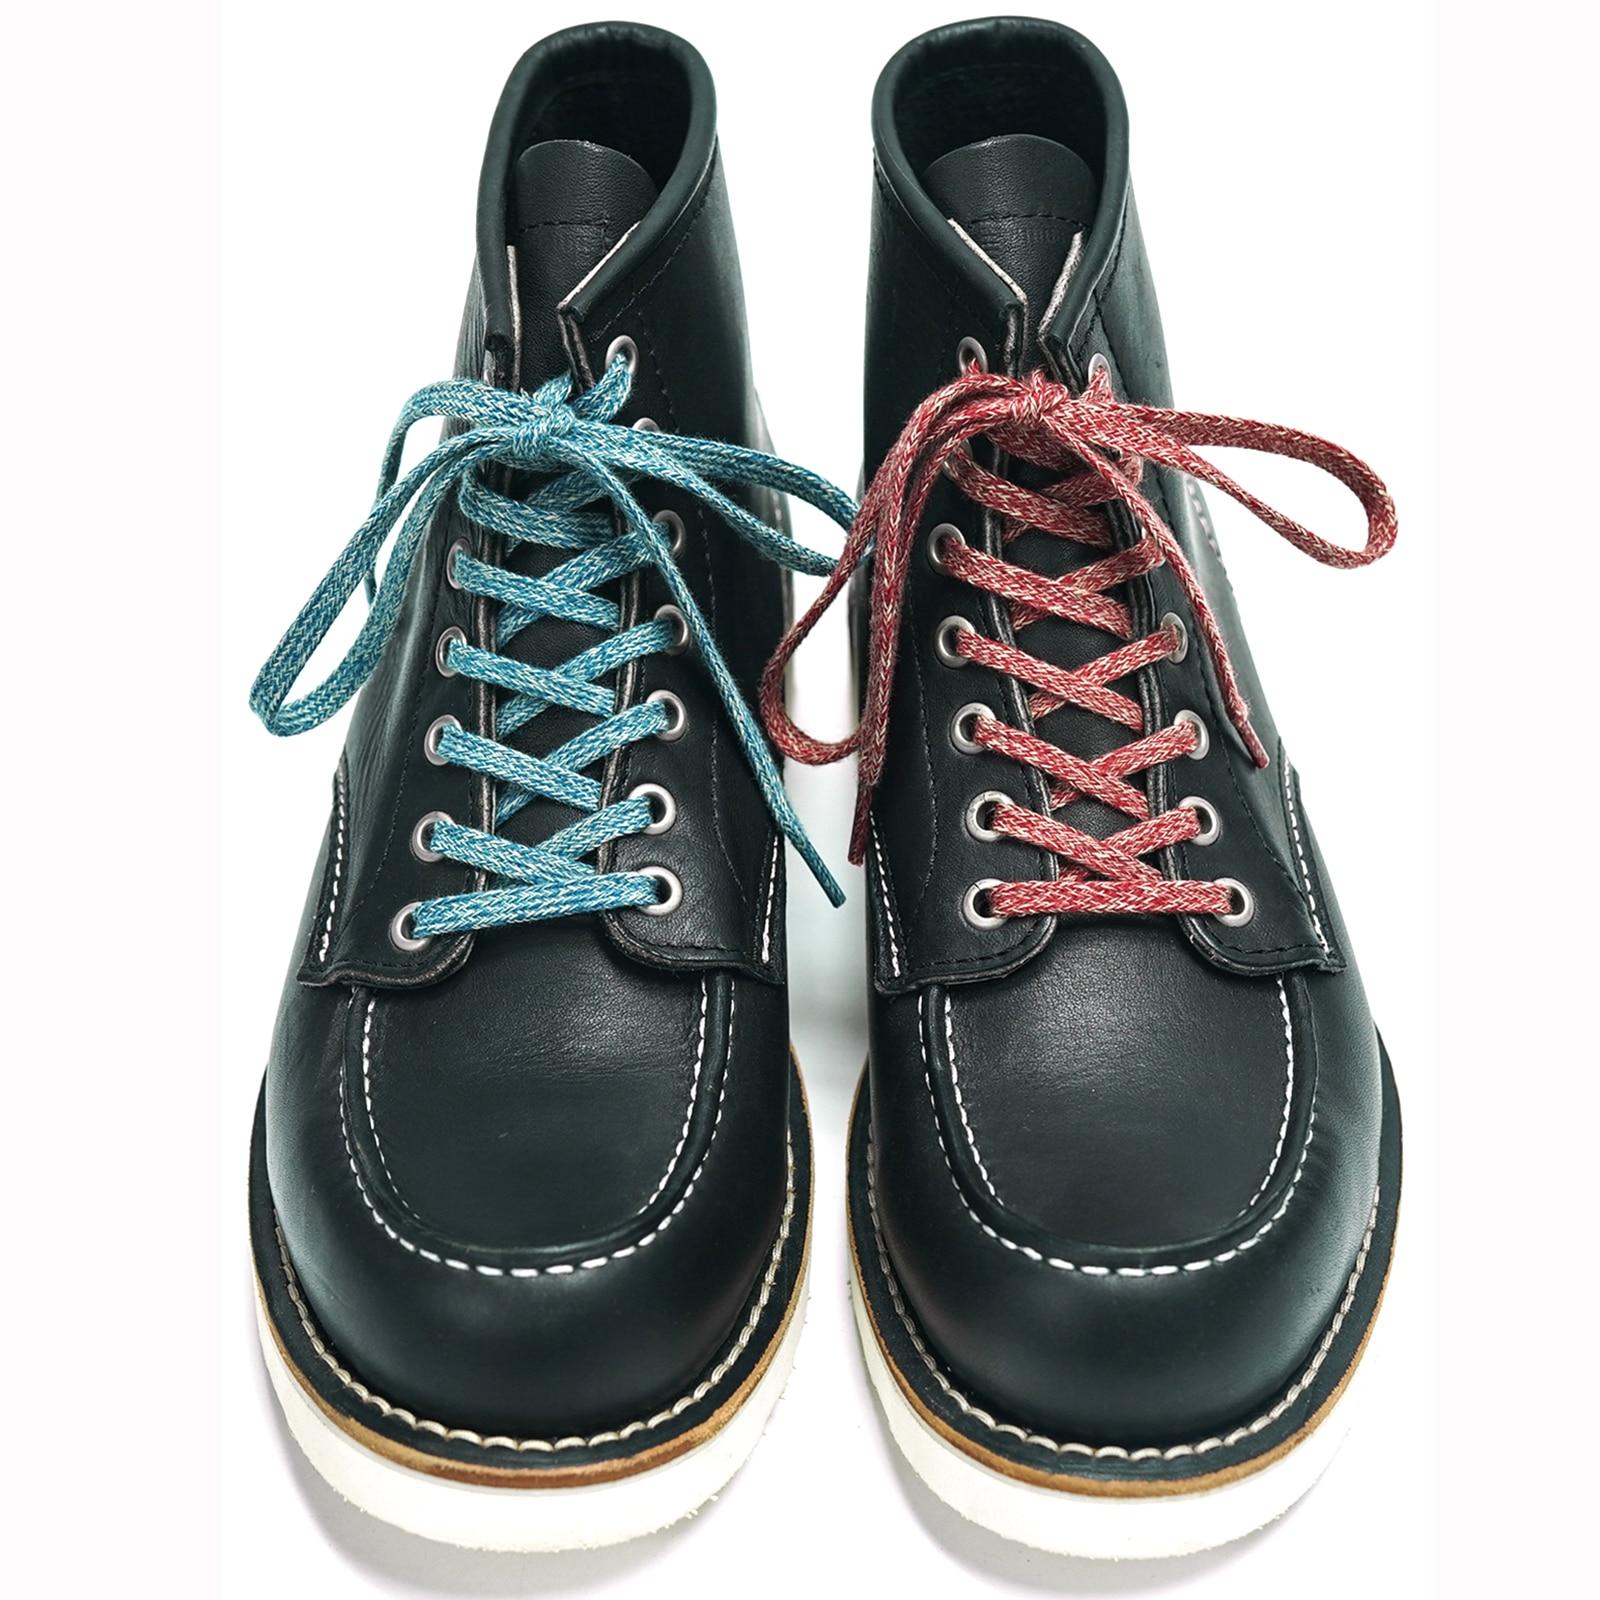 Tingimento 1 par moda unissex colorido puro algodão tênis lisos cadarços 130cm popular casual lona vintage botas sapatos laços